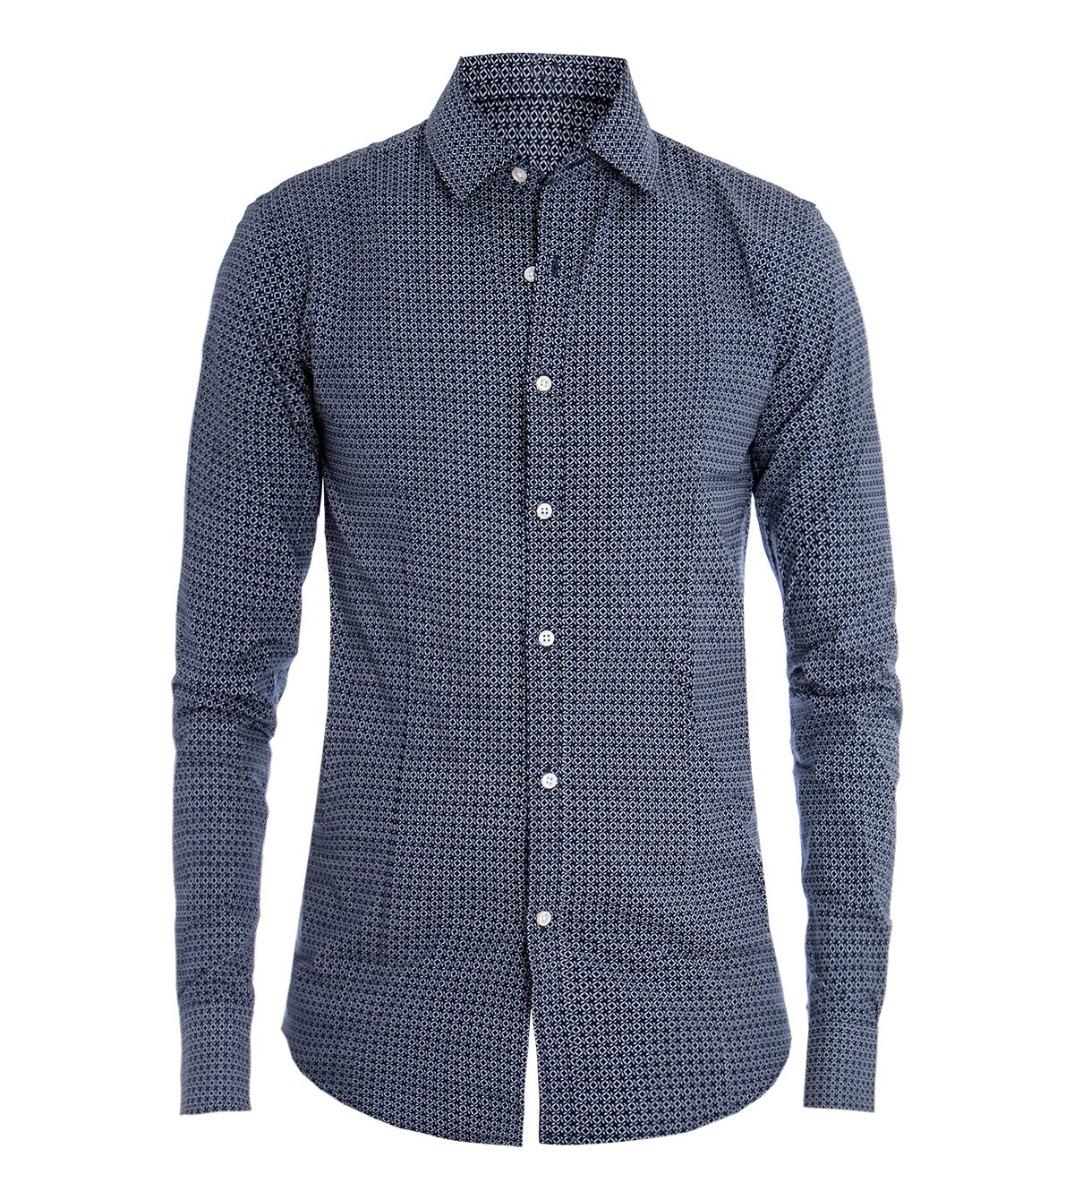 Camicia Uomo Classica Colletto Microfantasia Rombi Bianco Fondo Blu Elegante .. Removing Obstruction Clothing, Shoes & Accessories